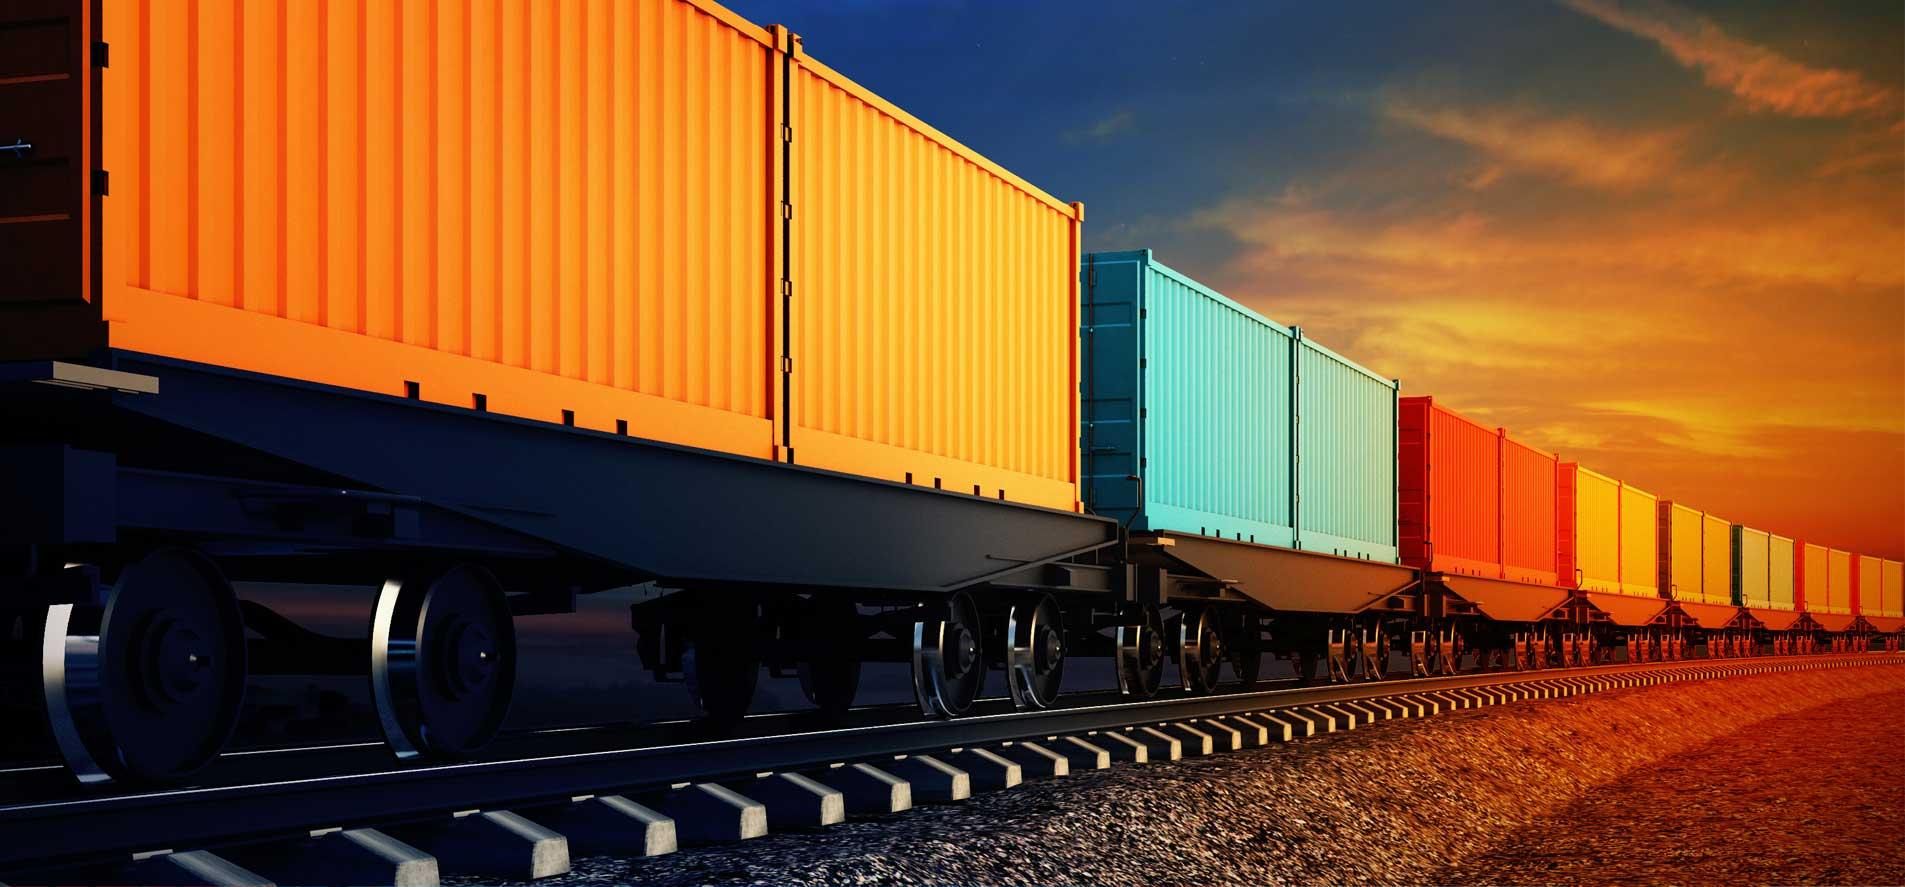 رویگردانی بنگاه های تولیدی از حمل و نقل ریلی